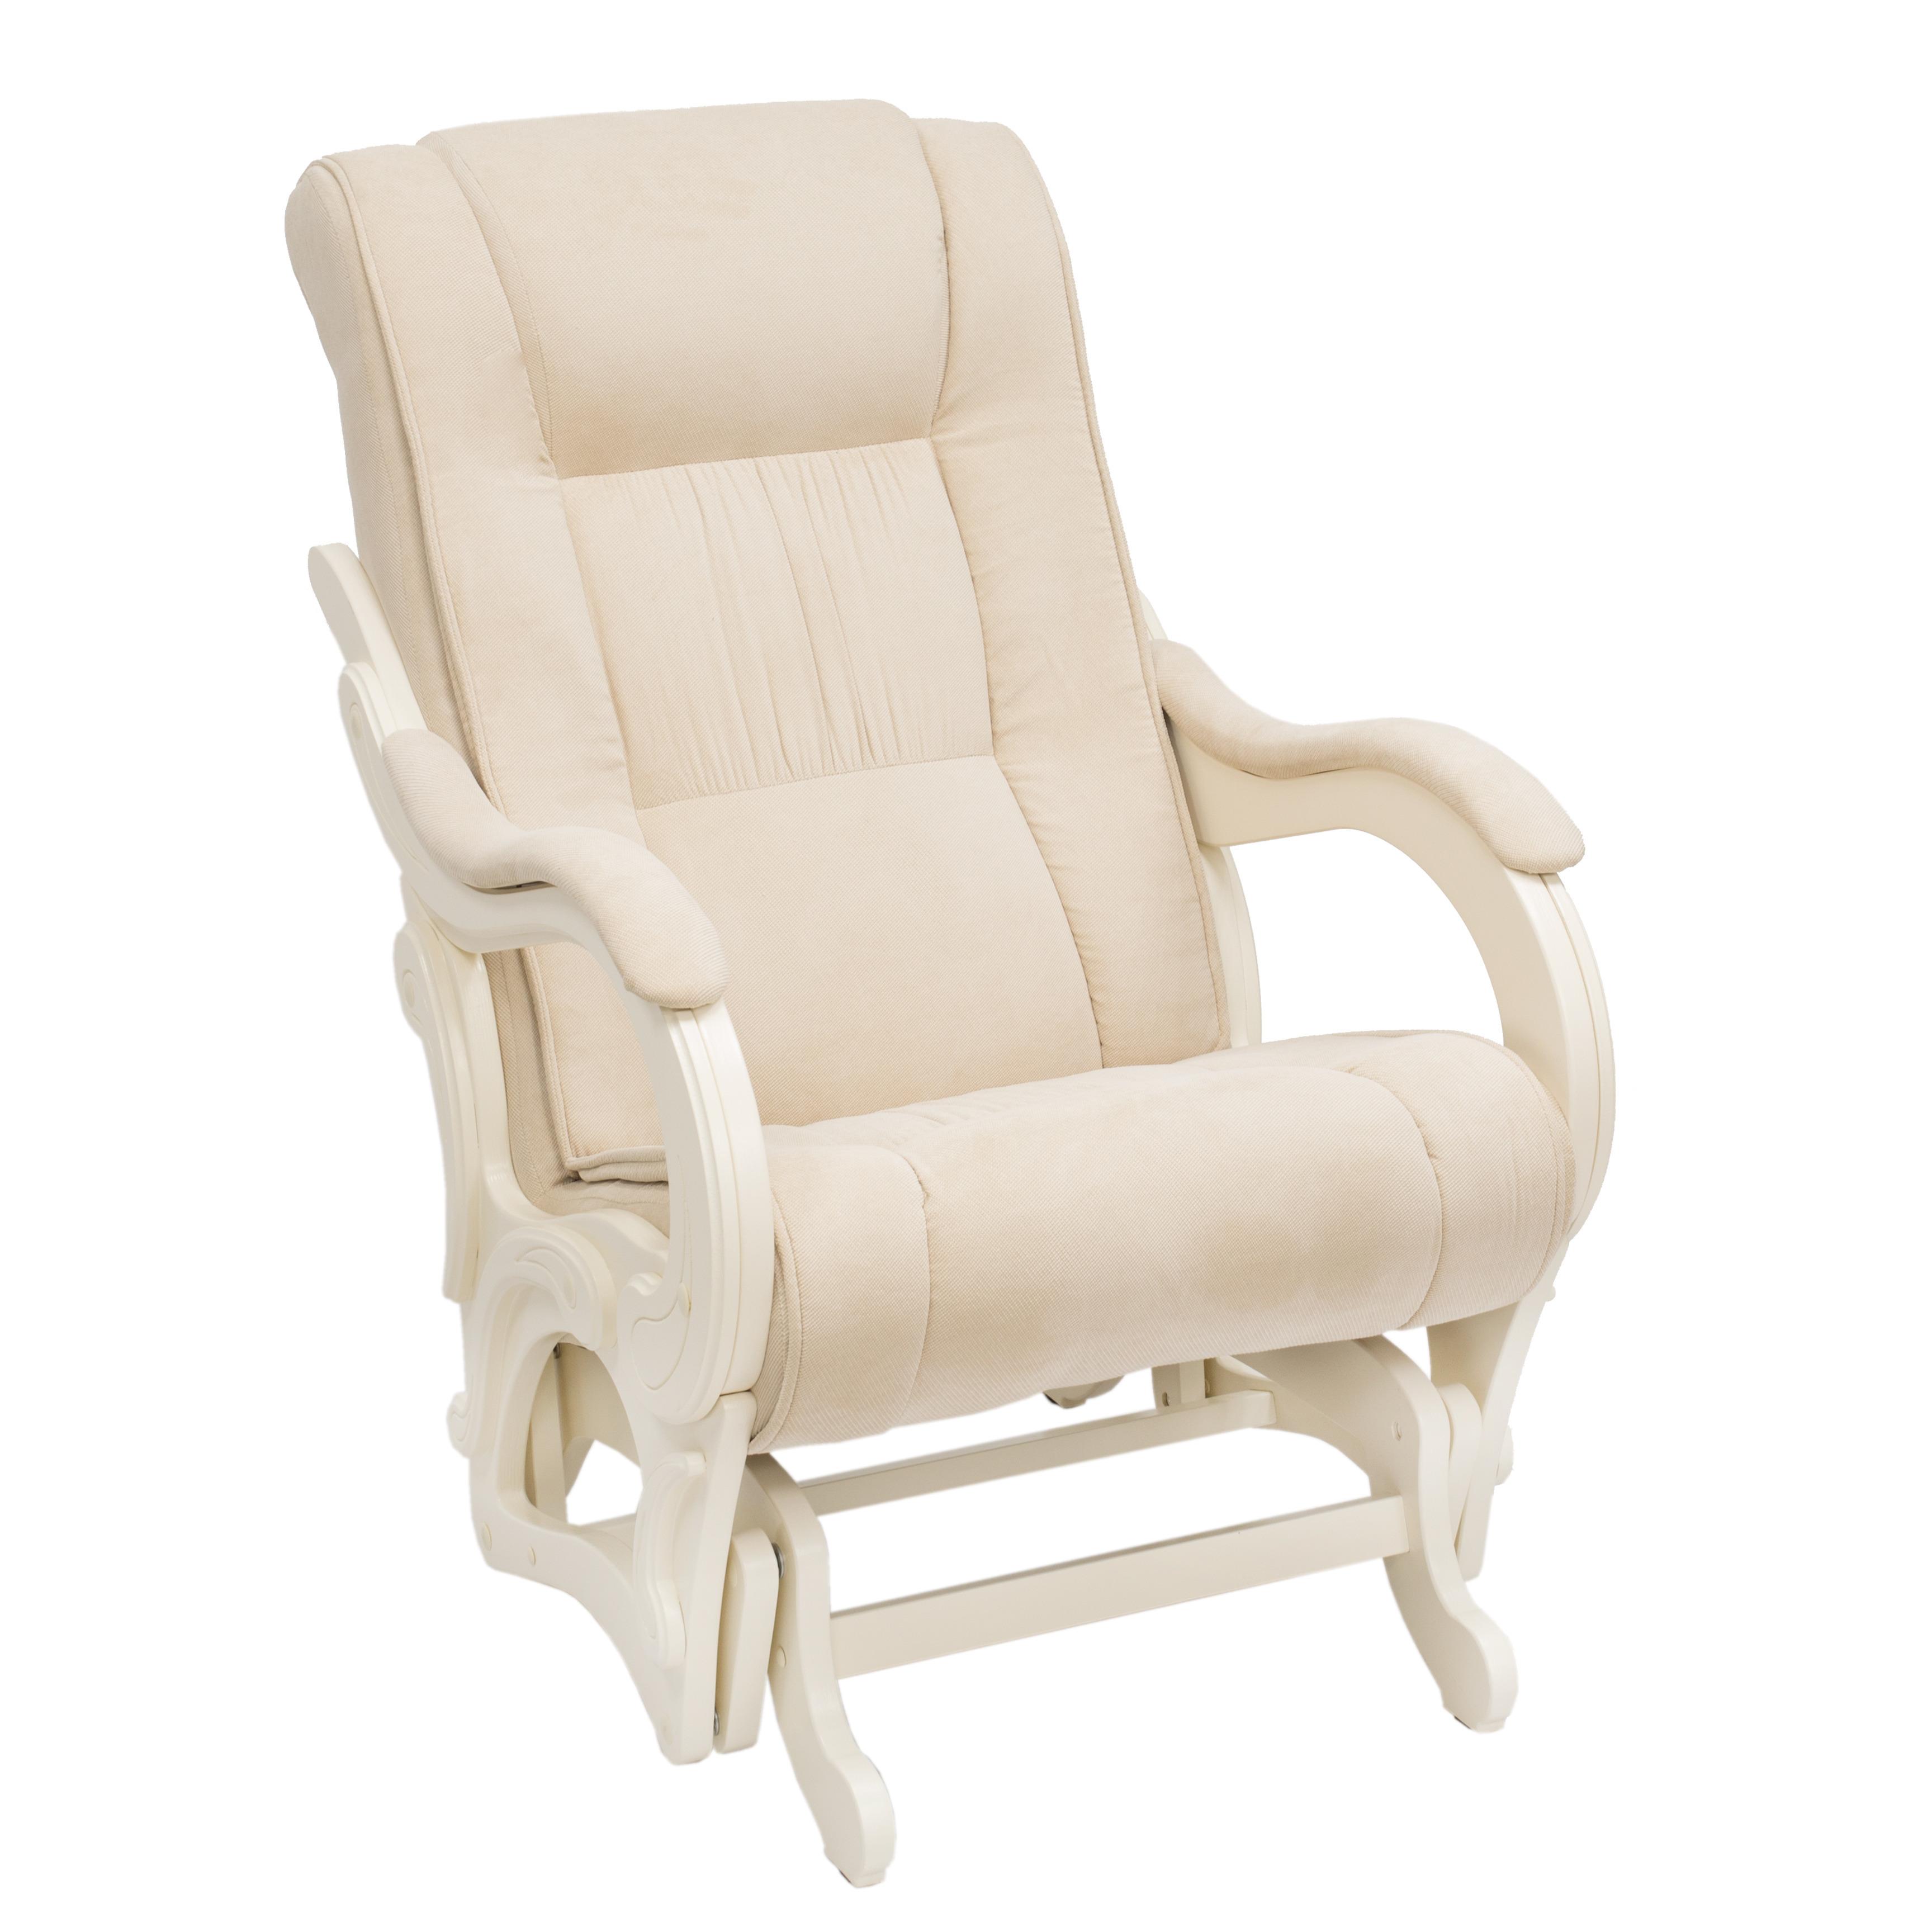 Кресло-качалка глайдер модель 78 дуб шампань